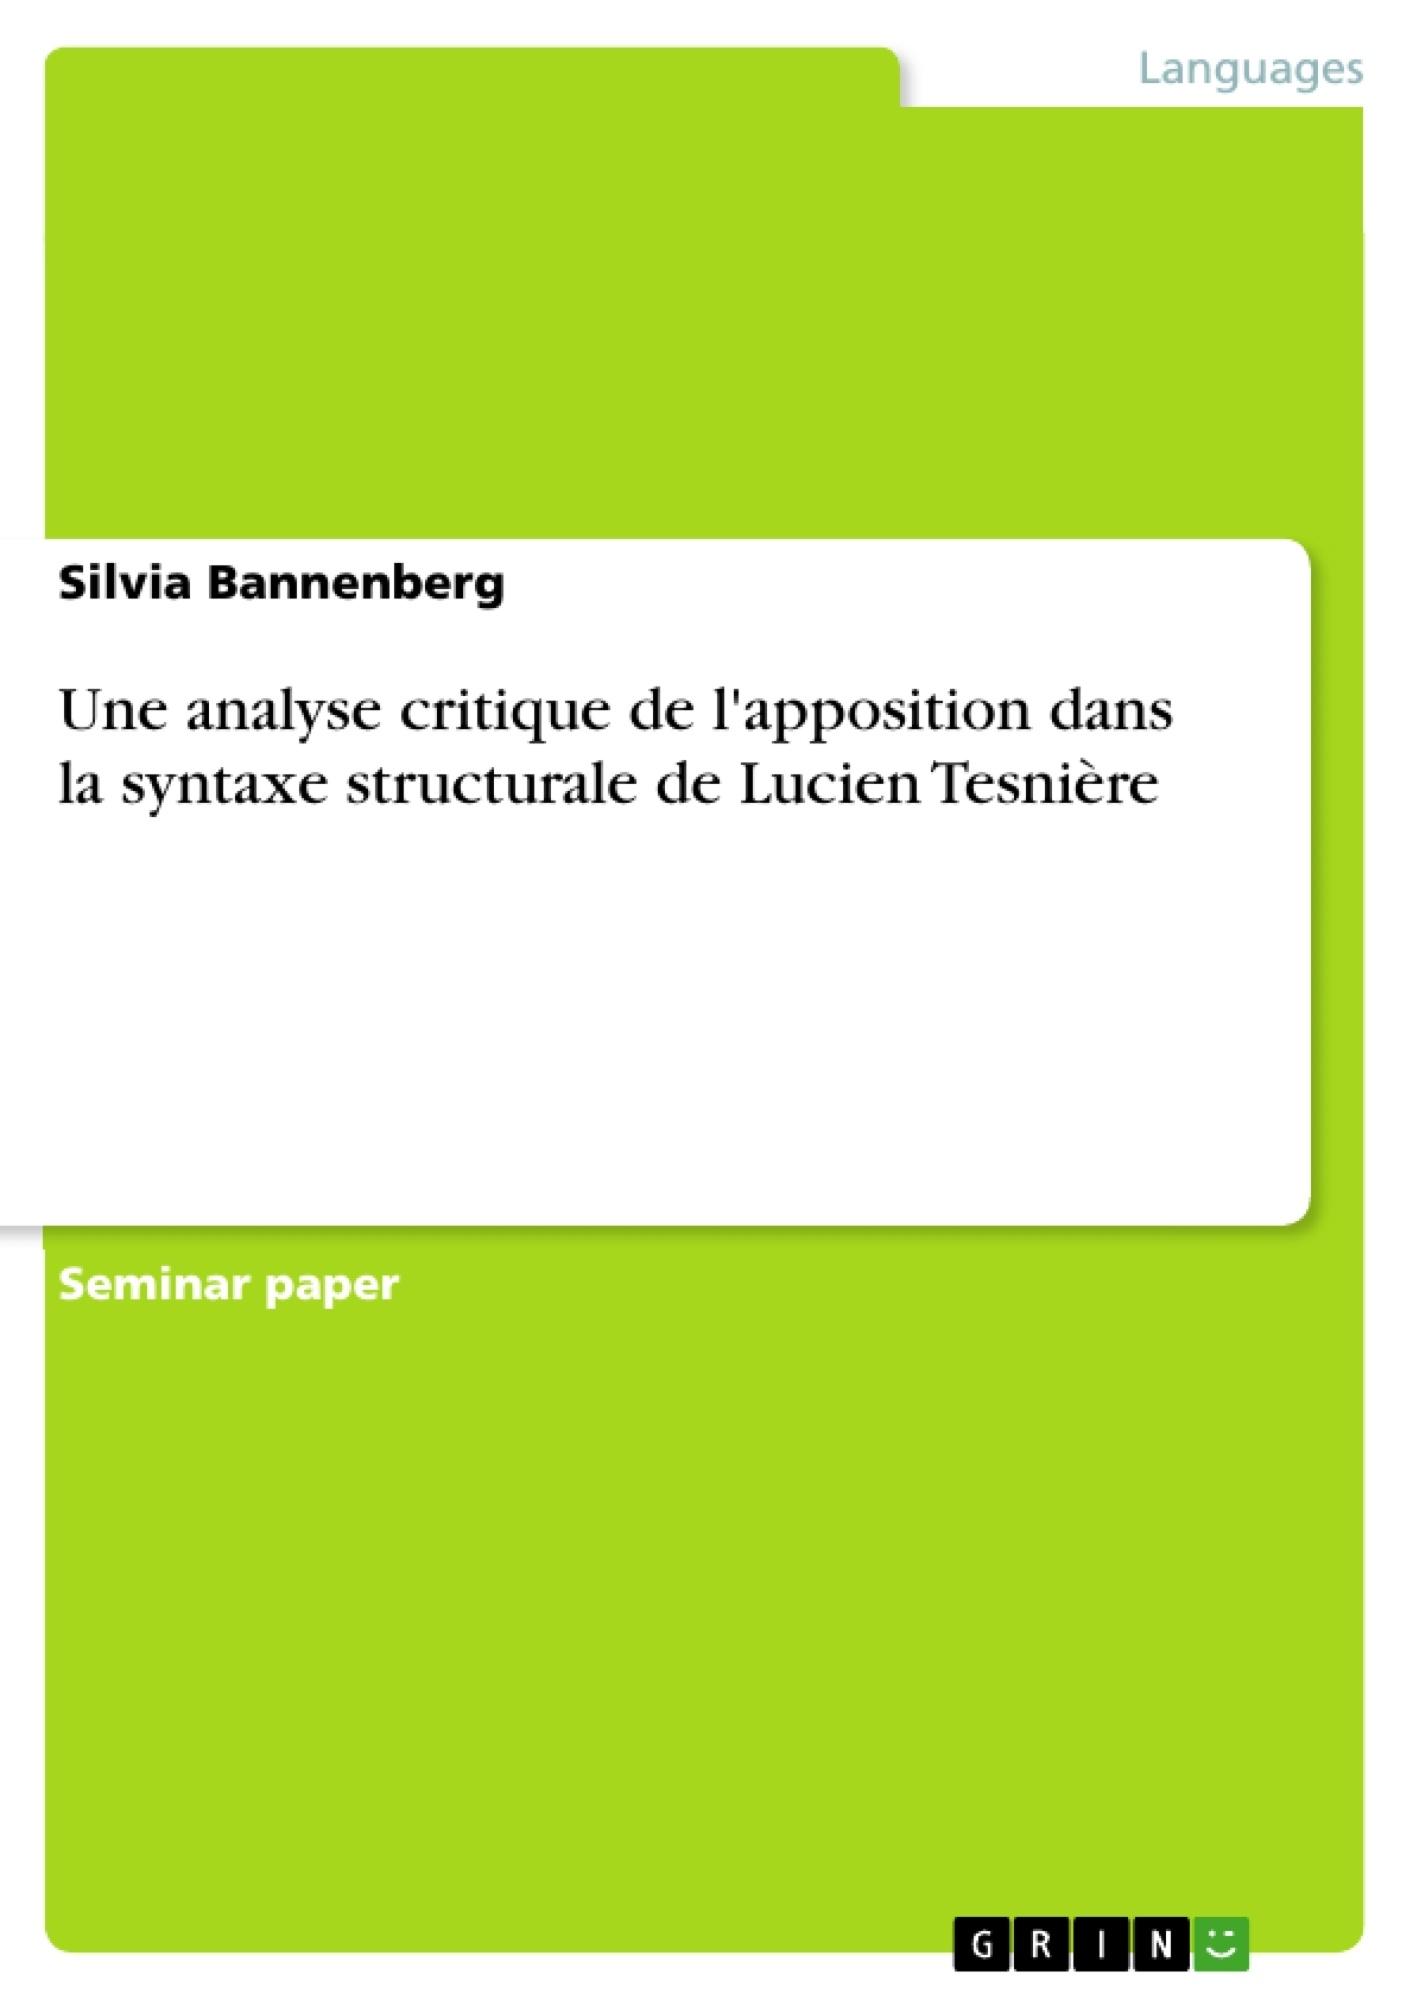 Titre: Une analyse critique de l'apposition dans la syntaxe structurale de Lucien Tesnière